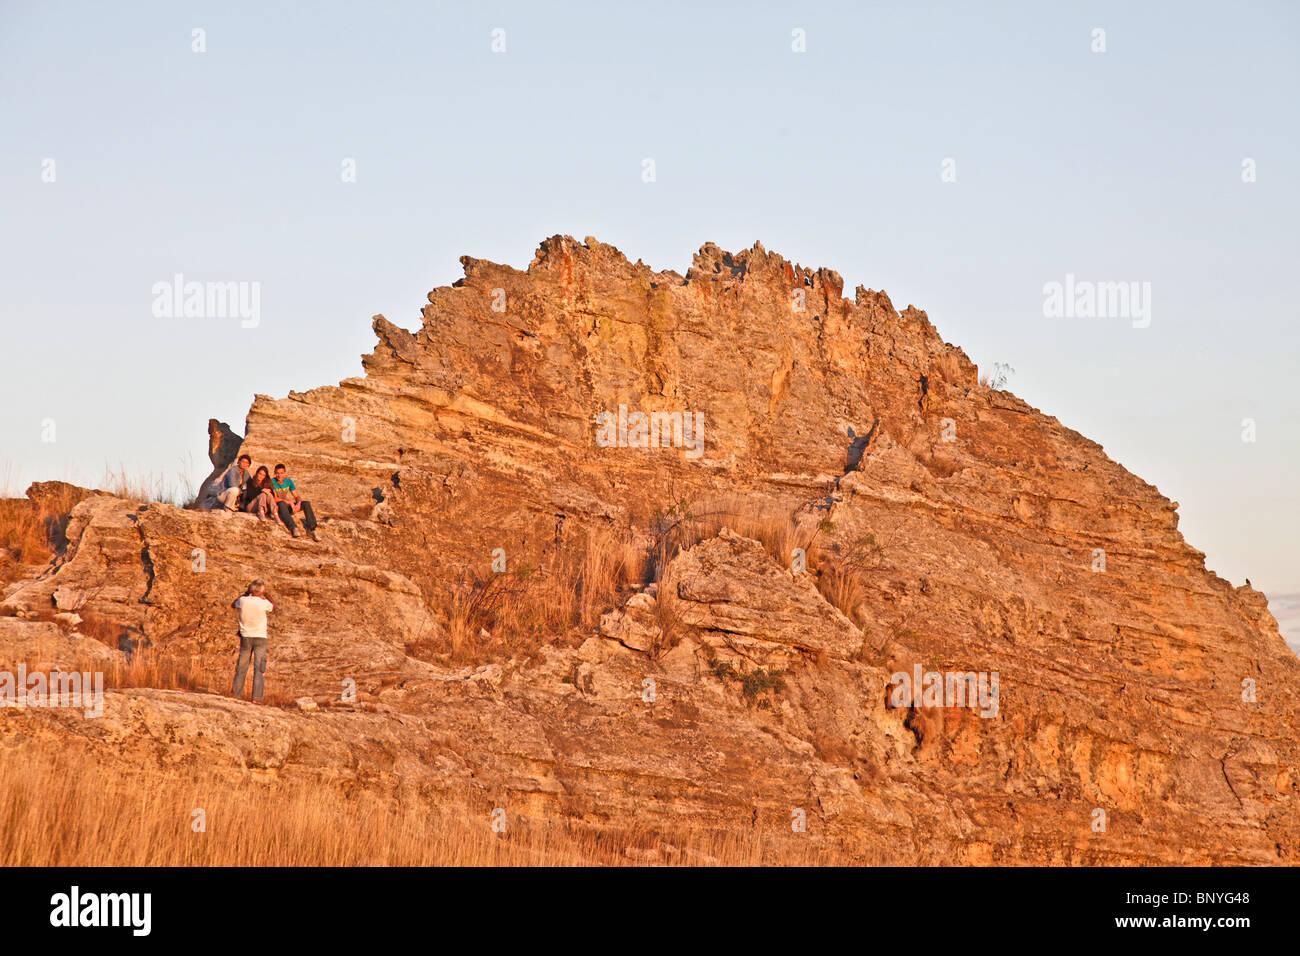 Mann ein Bild von einer Gruppe von Menschen gegen eine sandtone massiv bei Sonnenuntergang in der Nähe der Stockbild